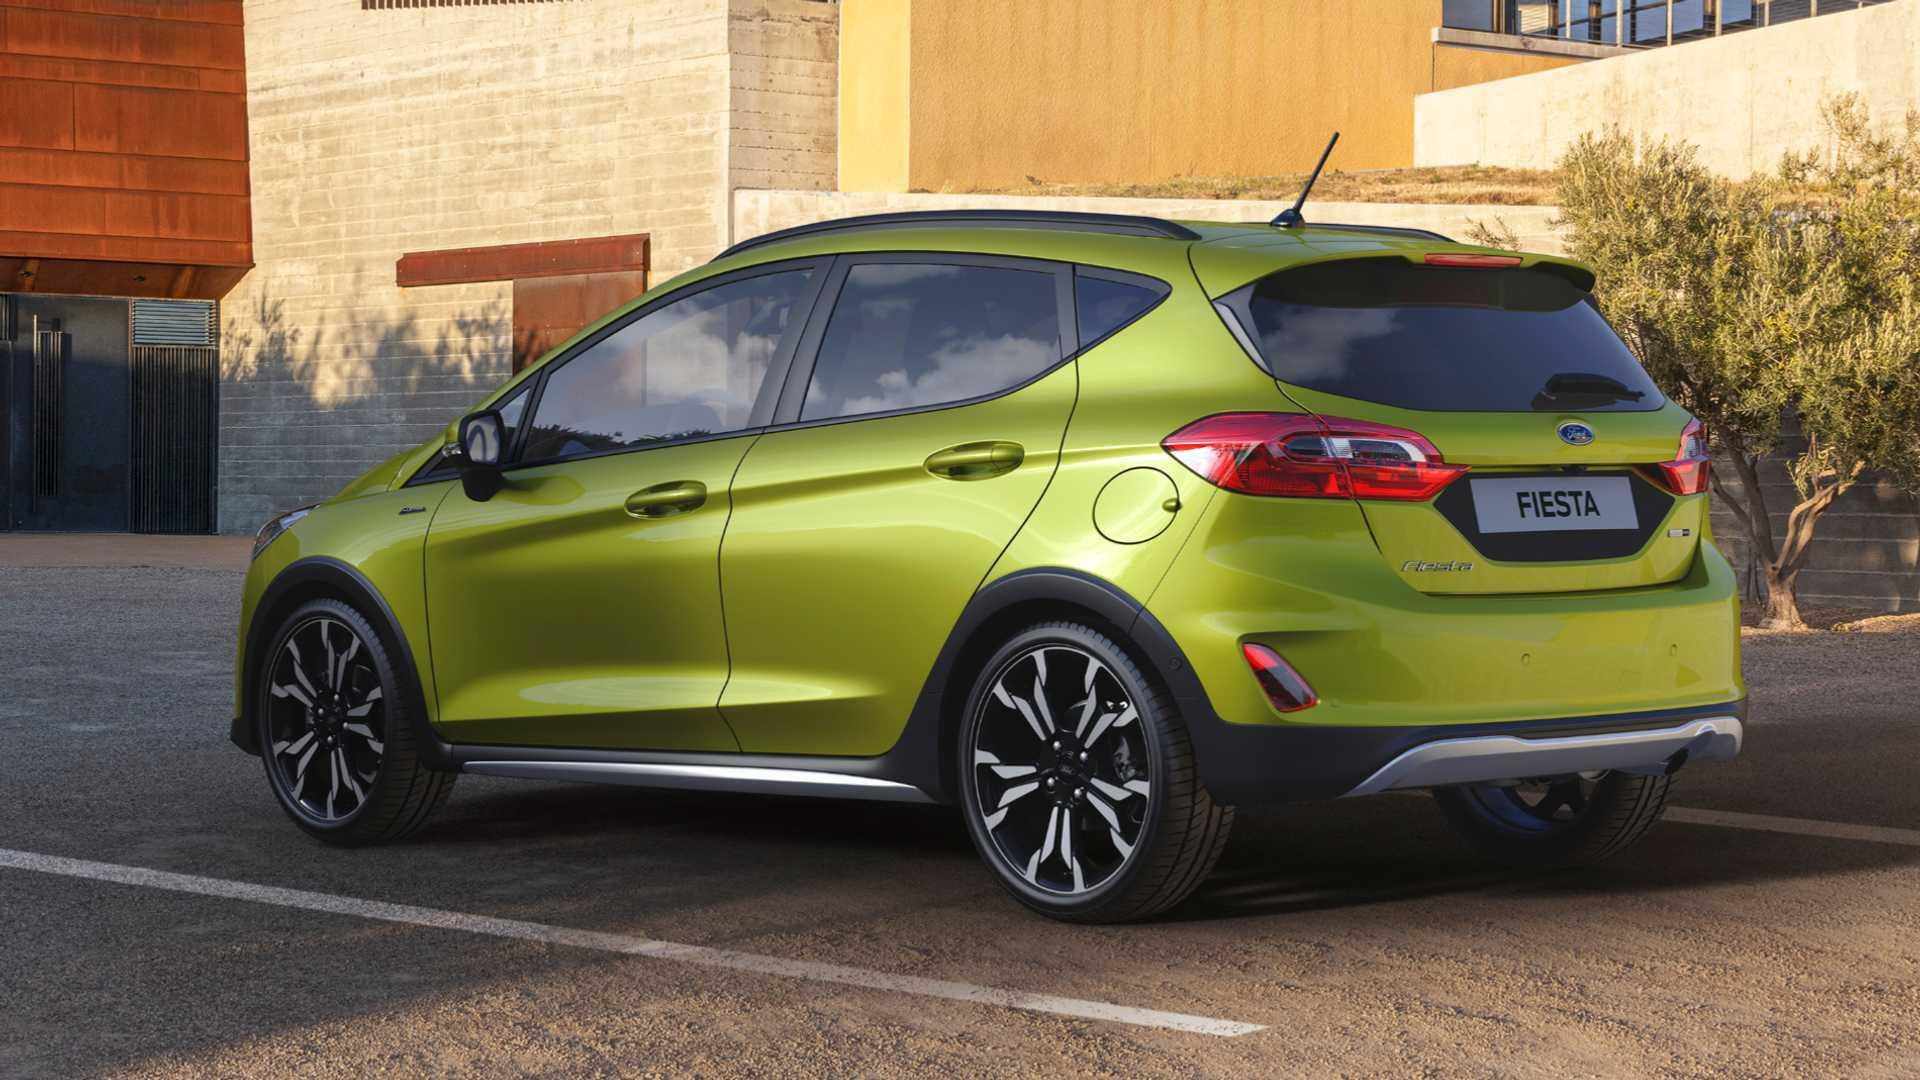 2020 Ford Fiesta Photos